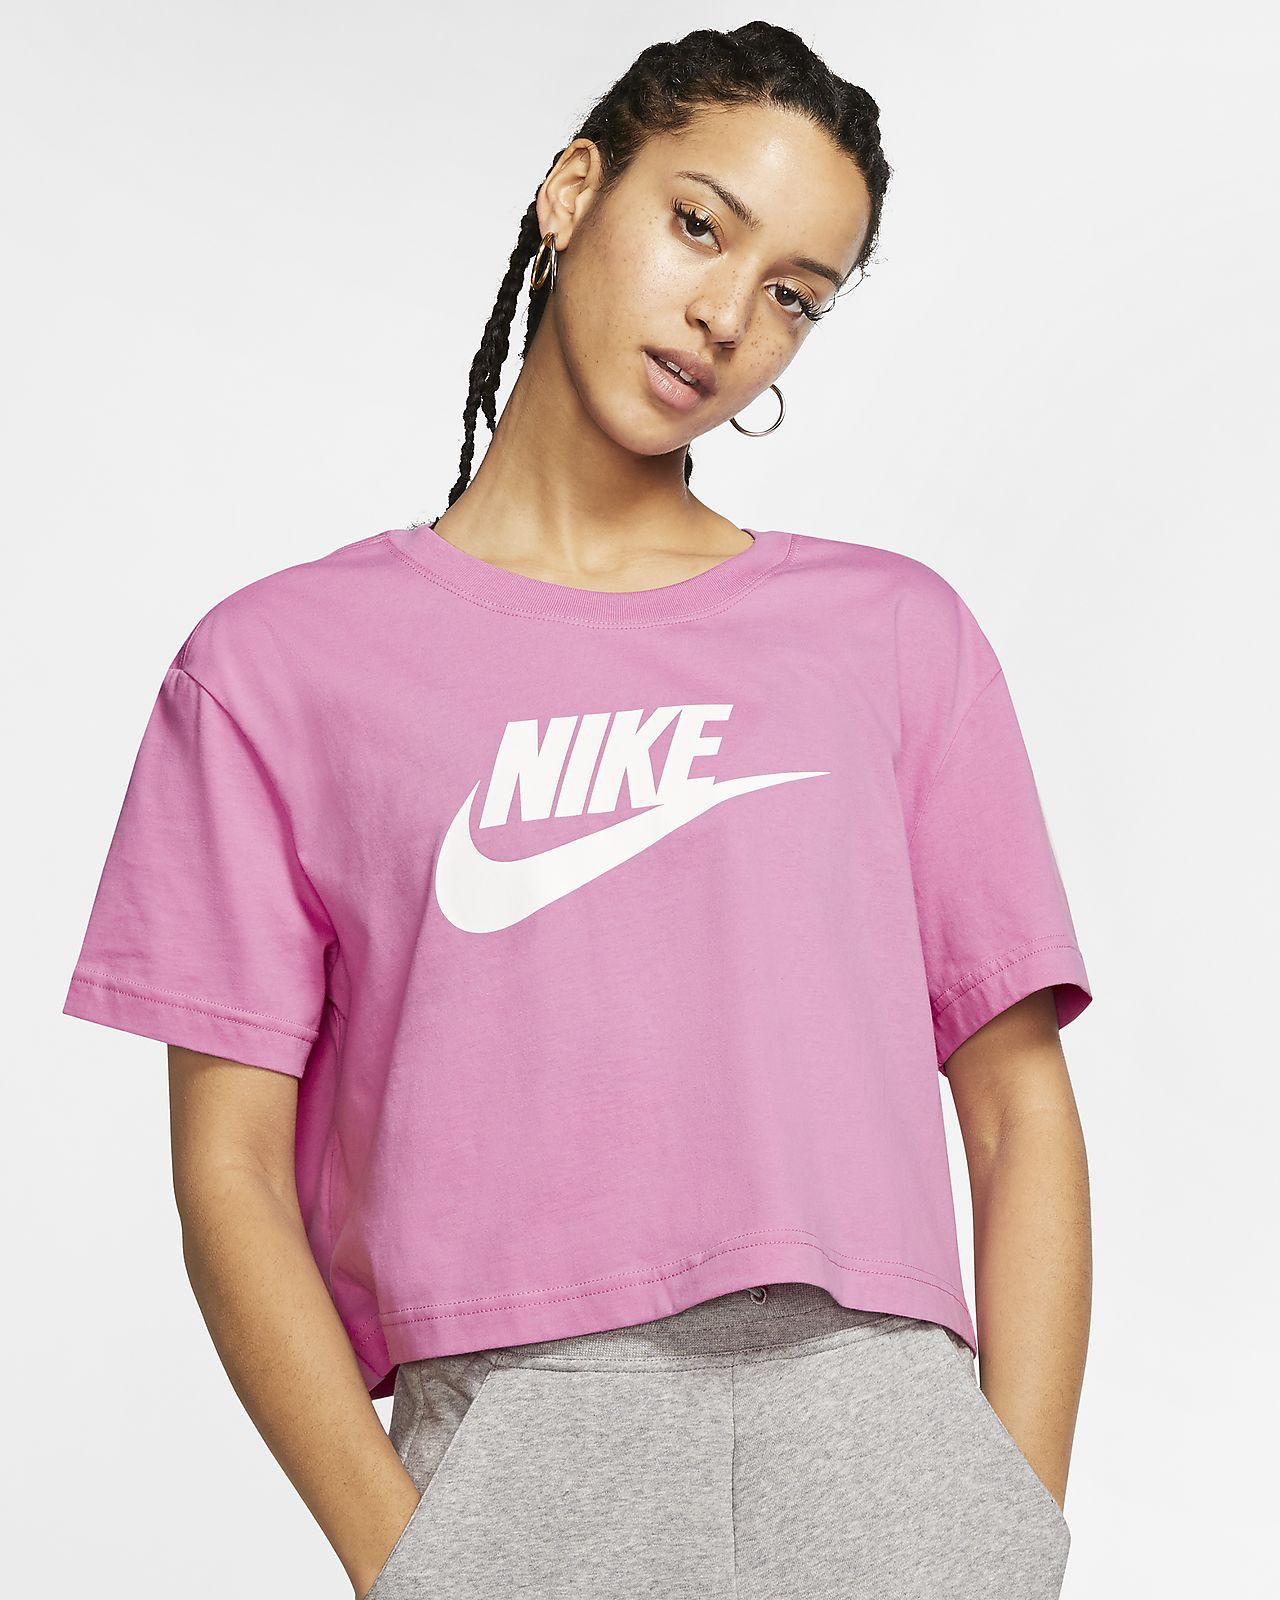 Nike Sportswear Essential Women's Cropped T Shirt